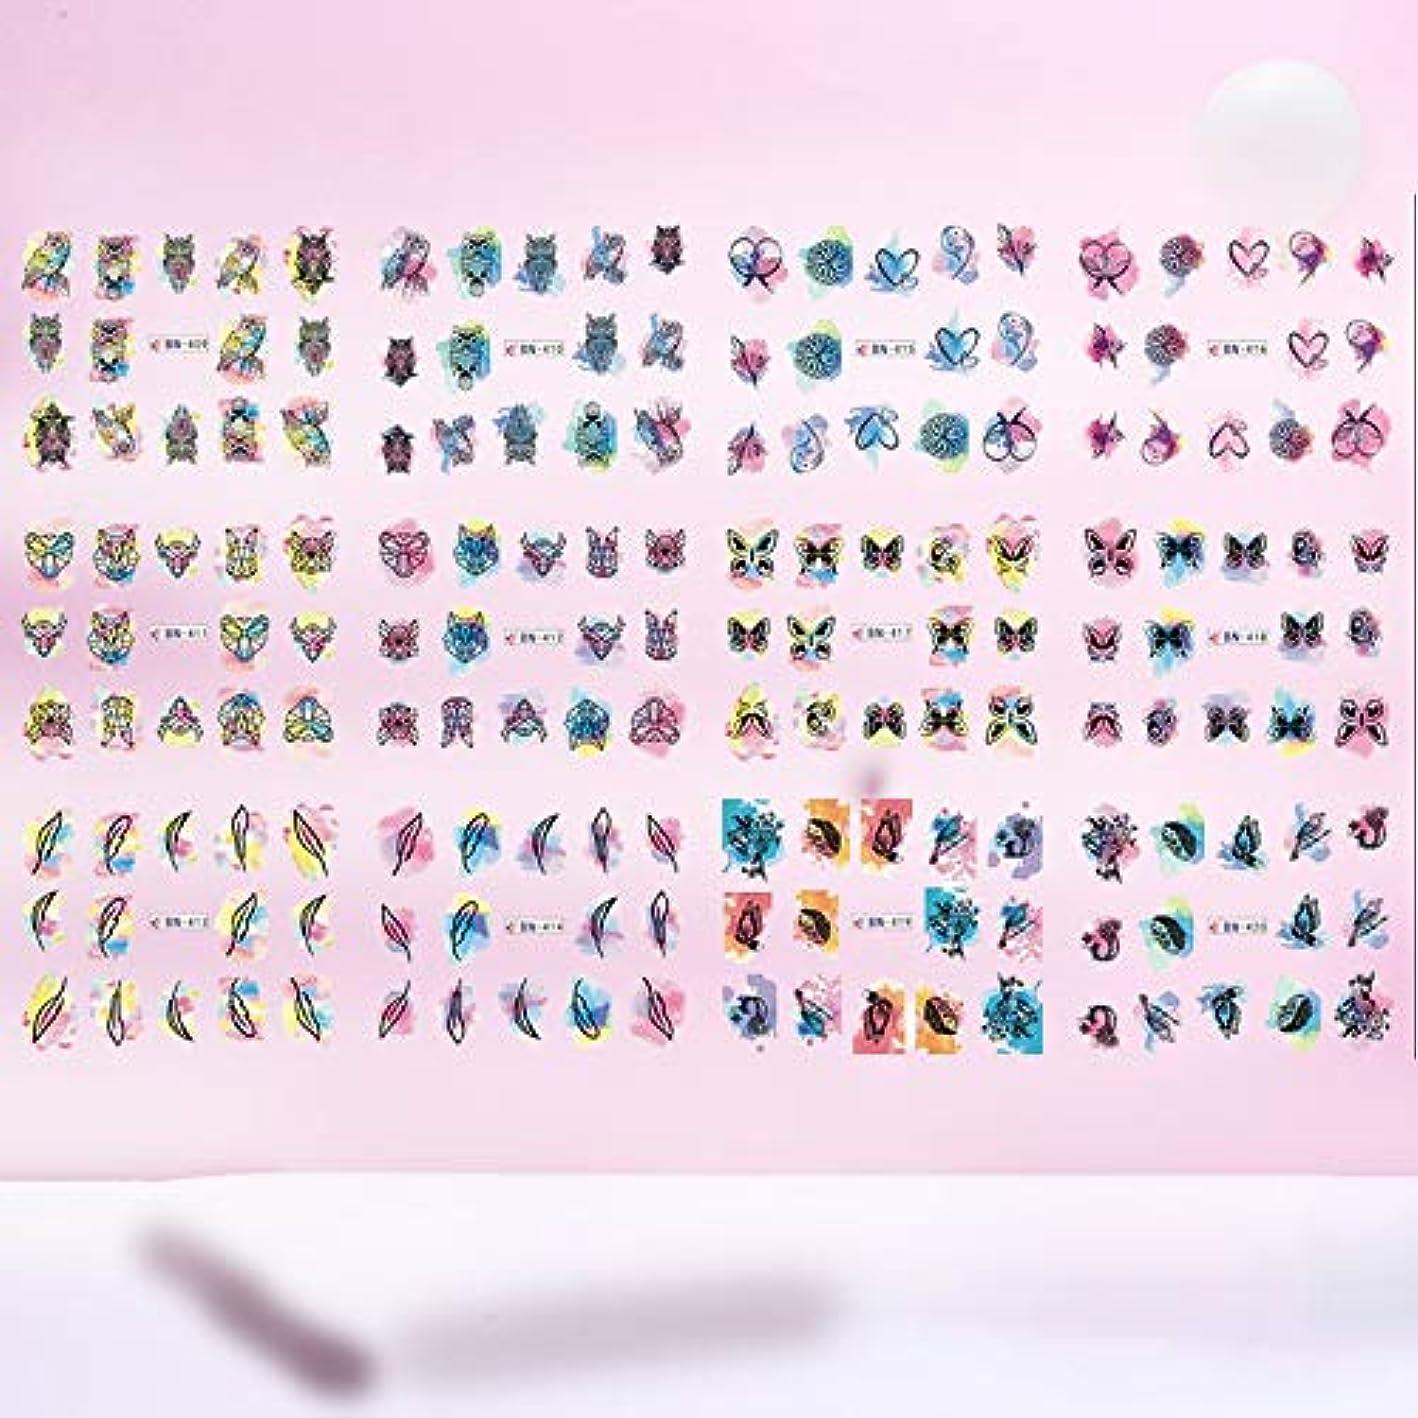 スイッチ墓地付添人ネイルシール 蝶 花 羽毛 動物 ハート フクロウ 12デザイン ネイルビューティー ネイルステッカー ネイルアートジェルネイル 貼るだけ DIY ネイル飾り デカール